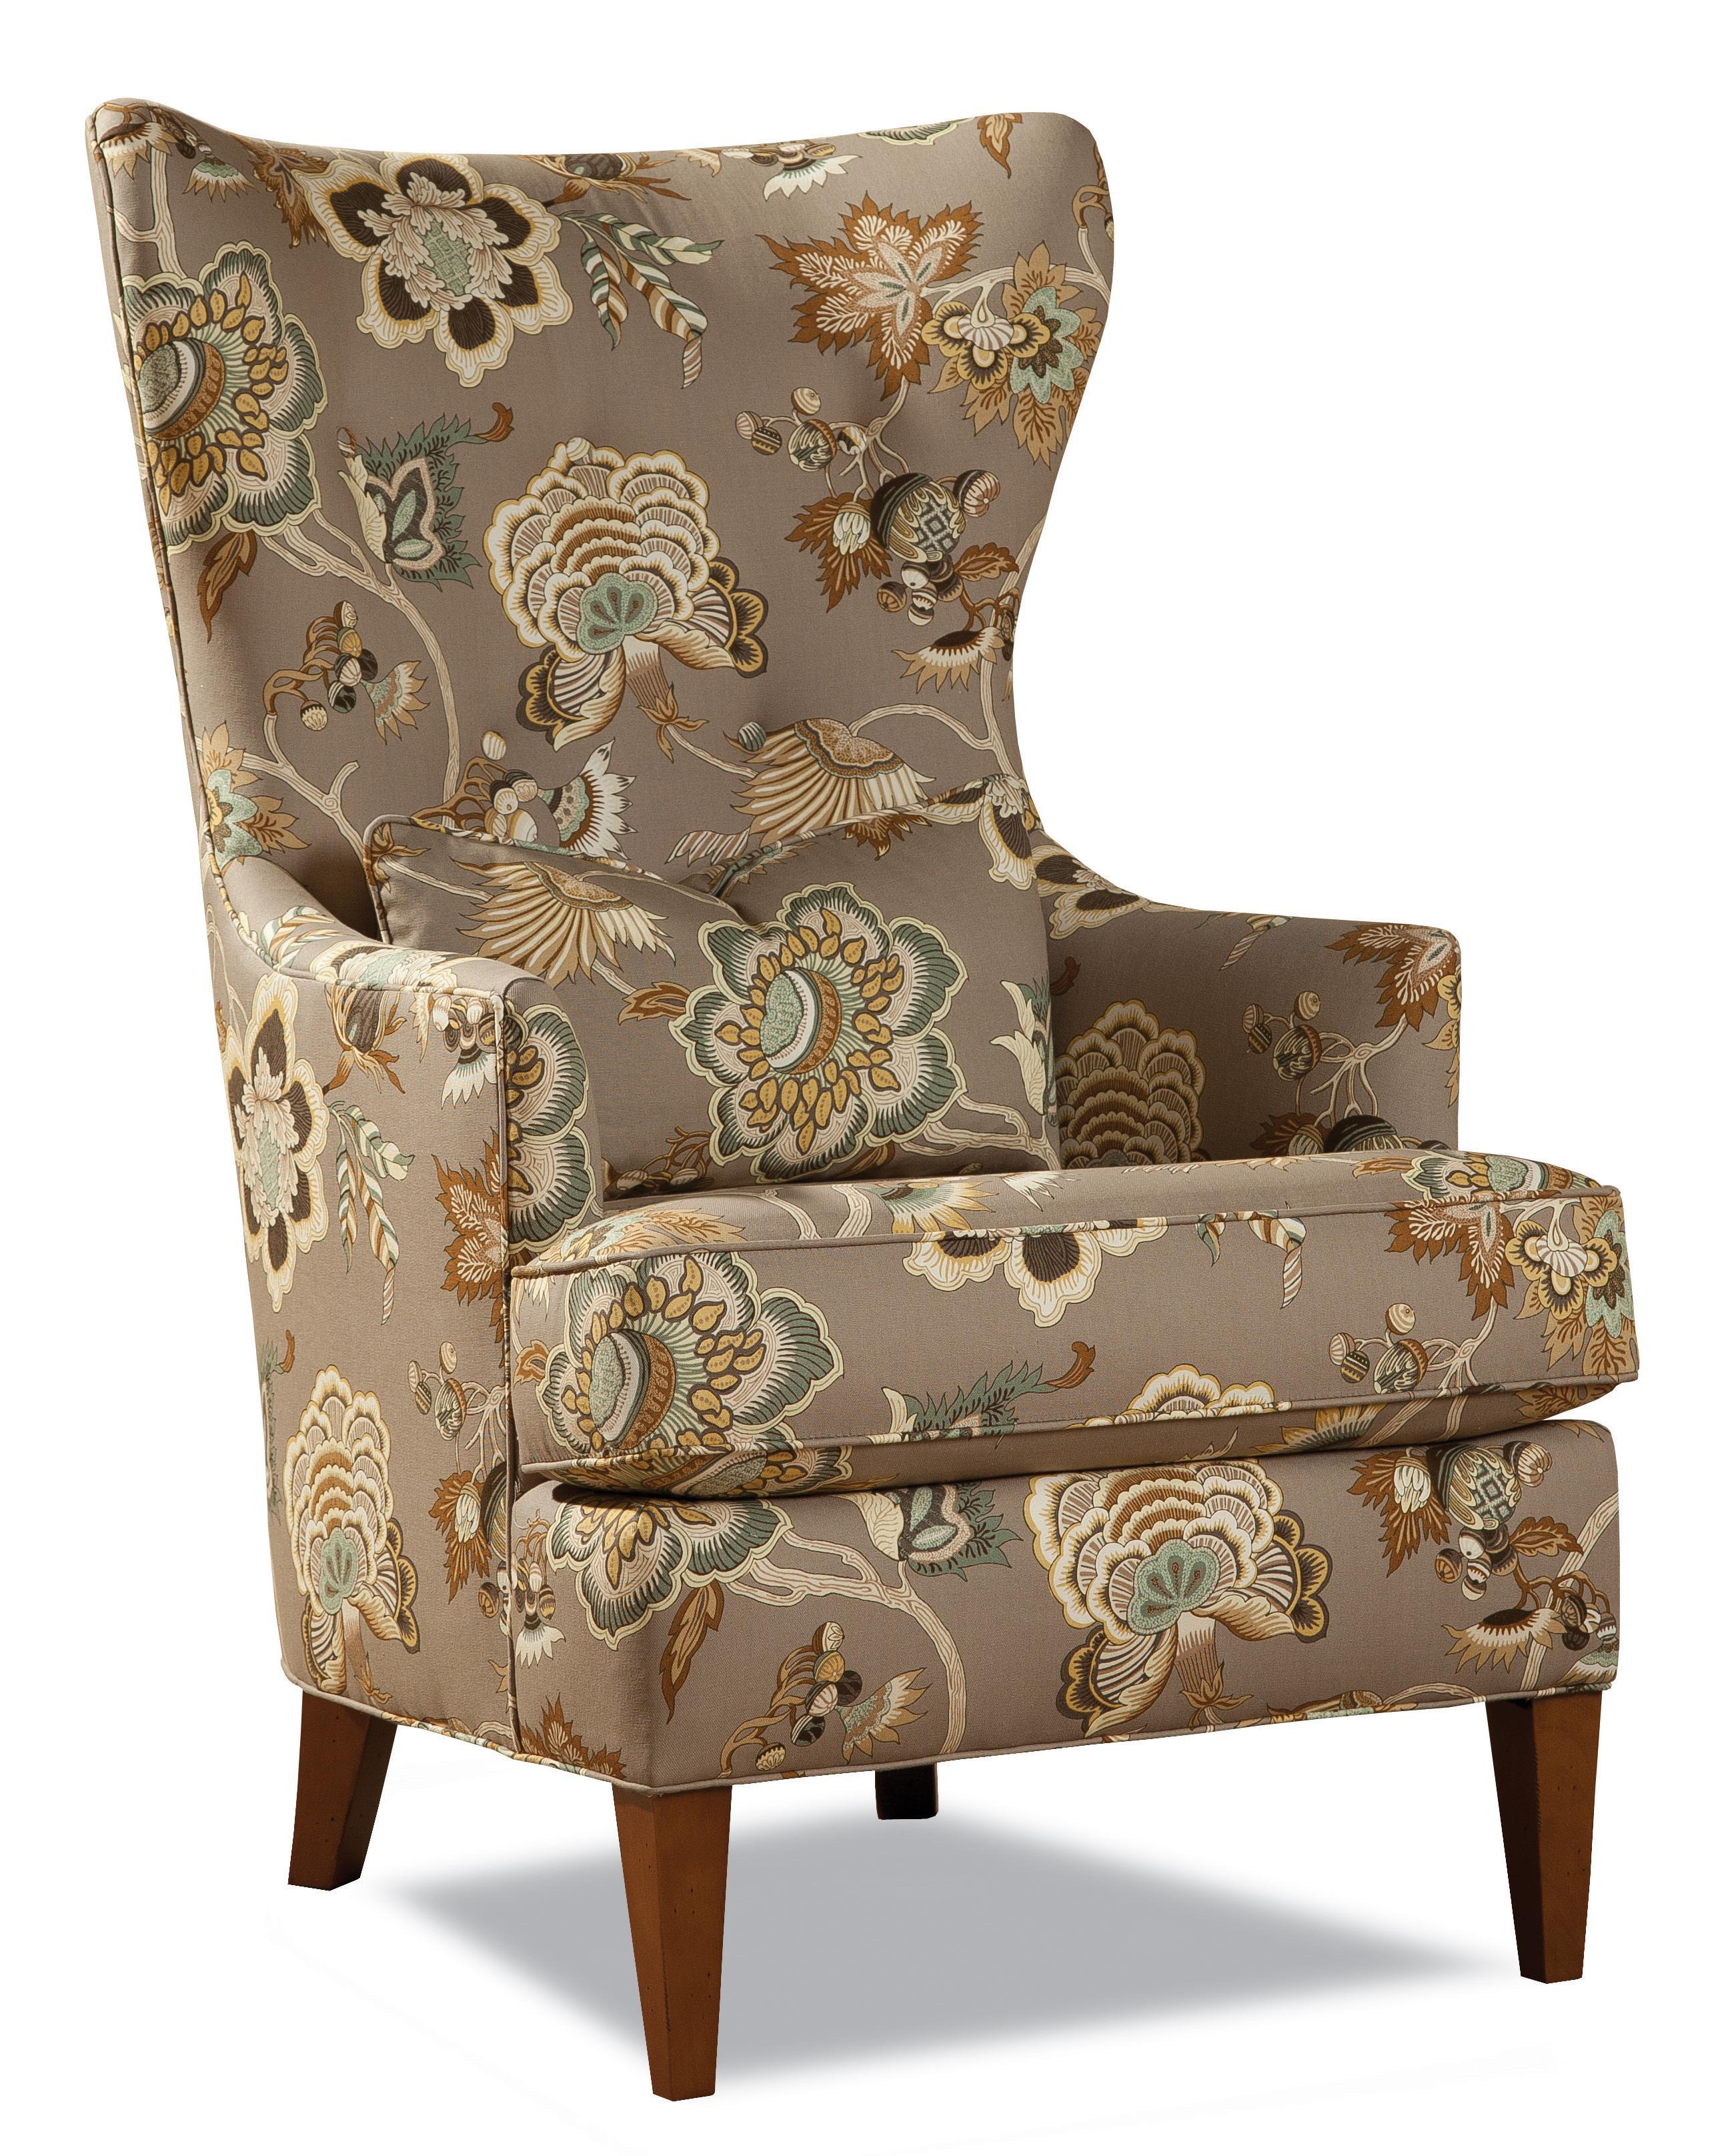 7460 Wing Chair by Geoffrey Alexander at Sprintz Furniture